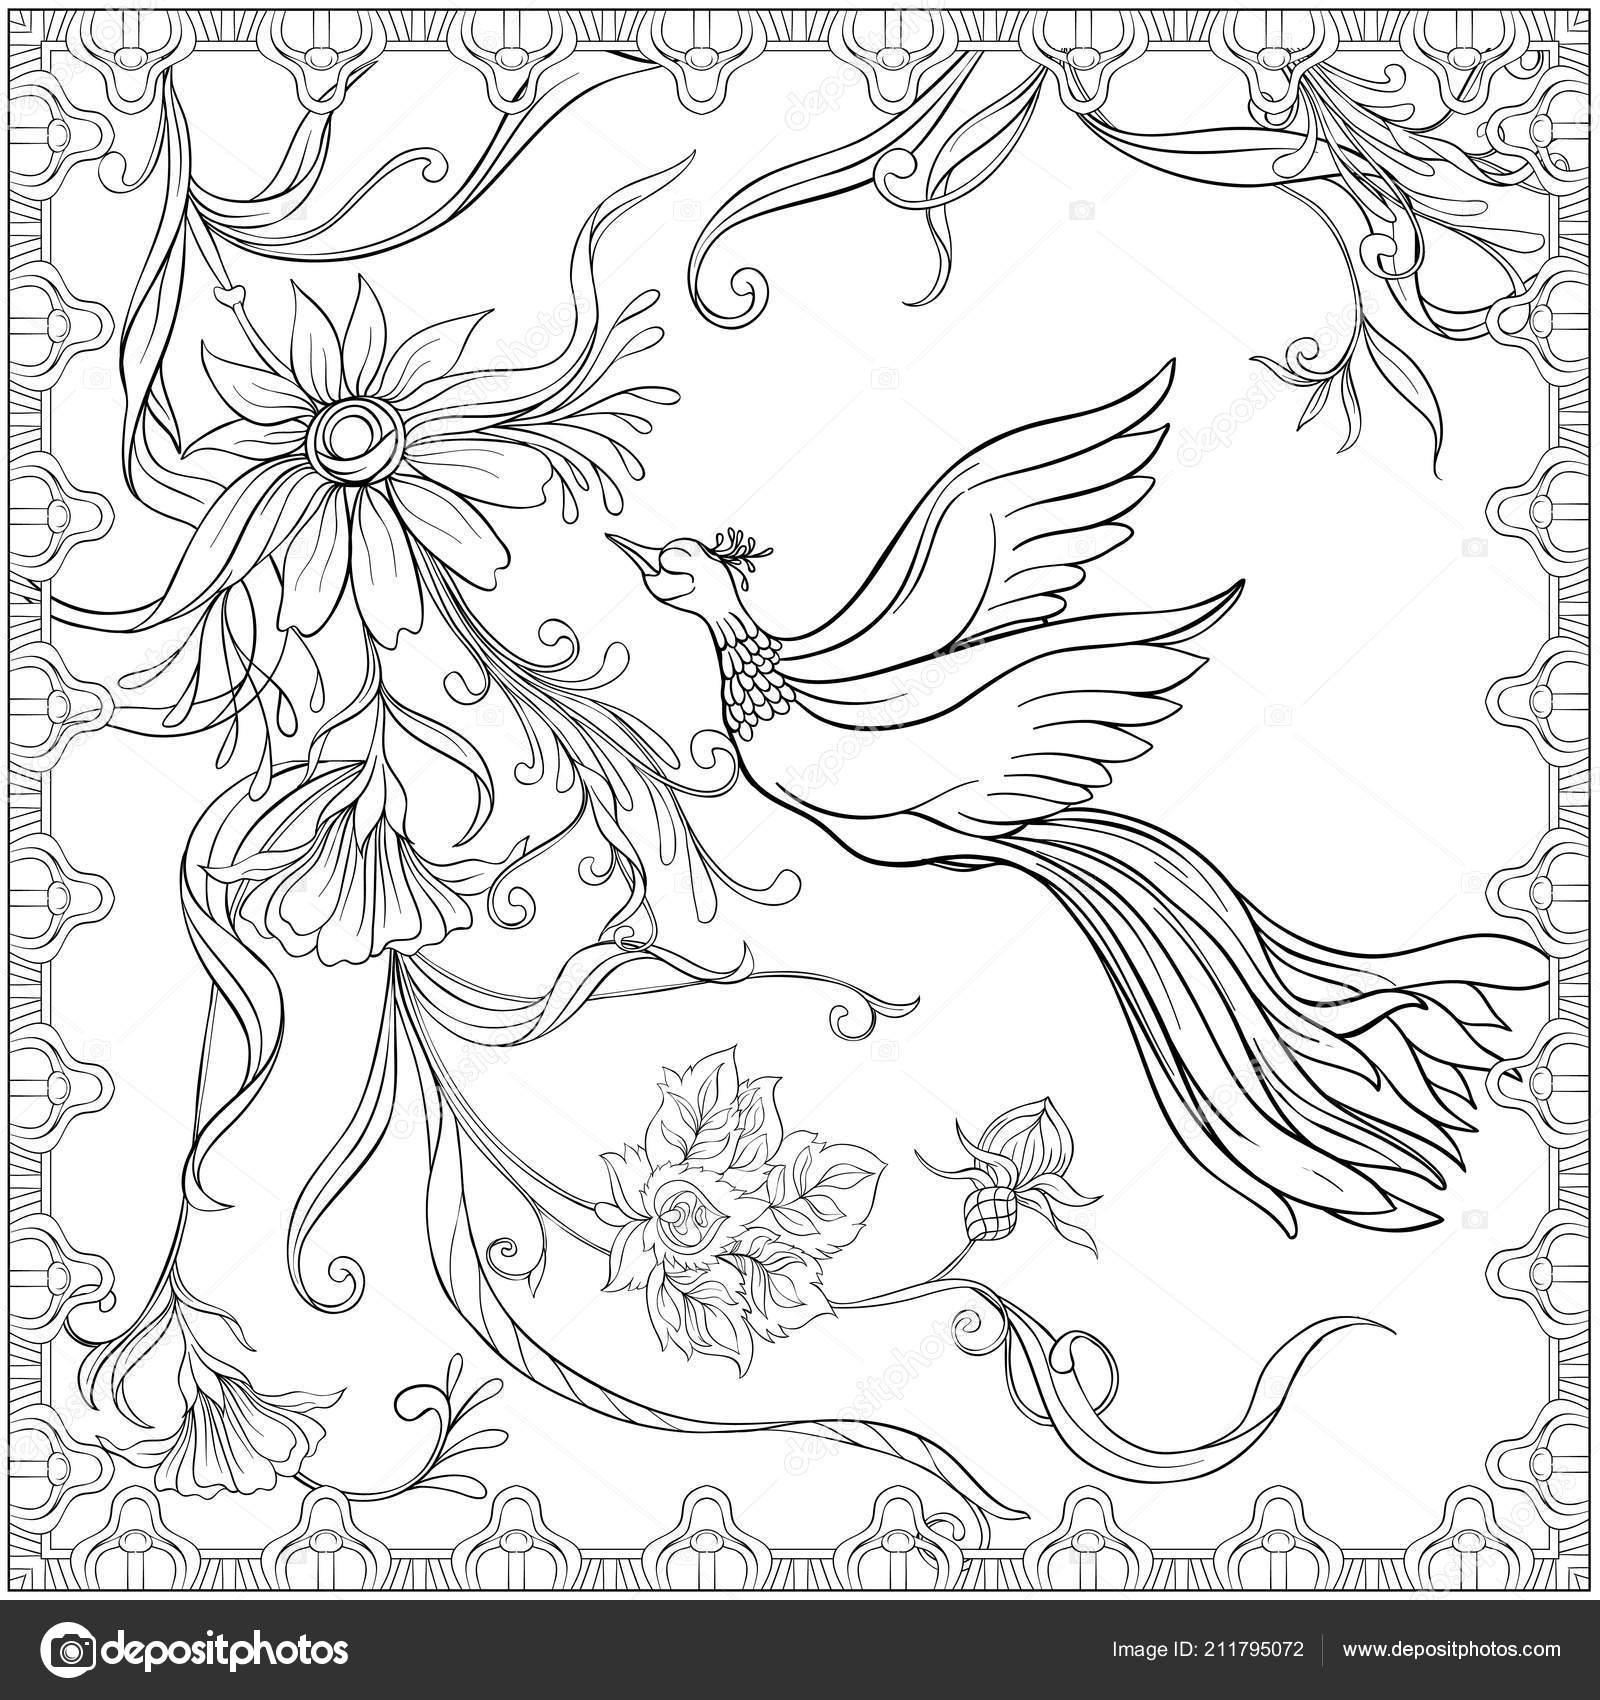 Plakat Tło Dekoracyjne Kwiaty I Ptaki W Stylu Art Nouveau